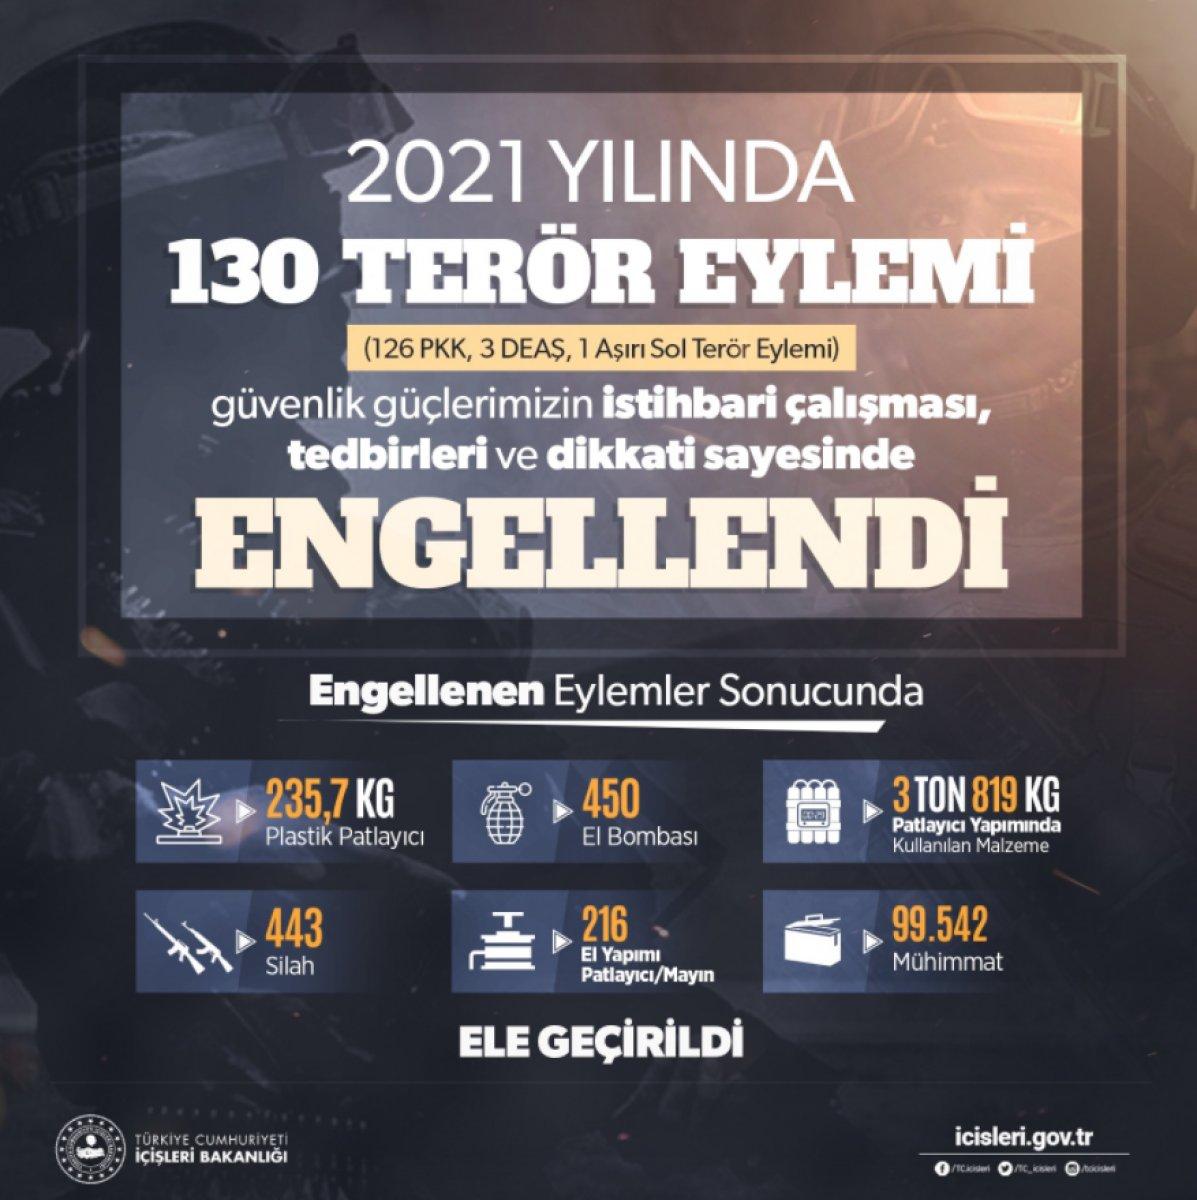 İçişleri Bakanlığı: 2021 yılında 130 terör eylemi engellendi #2